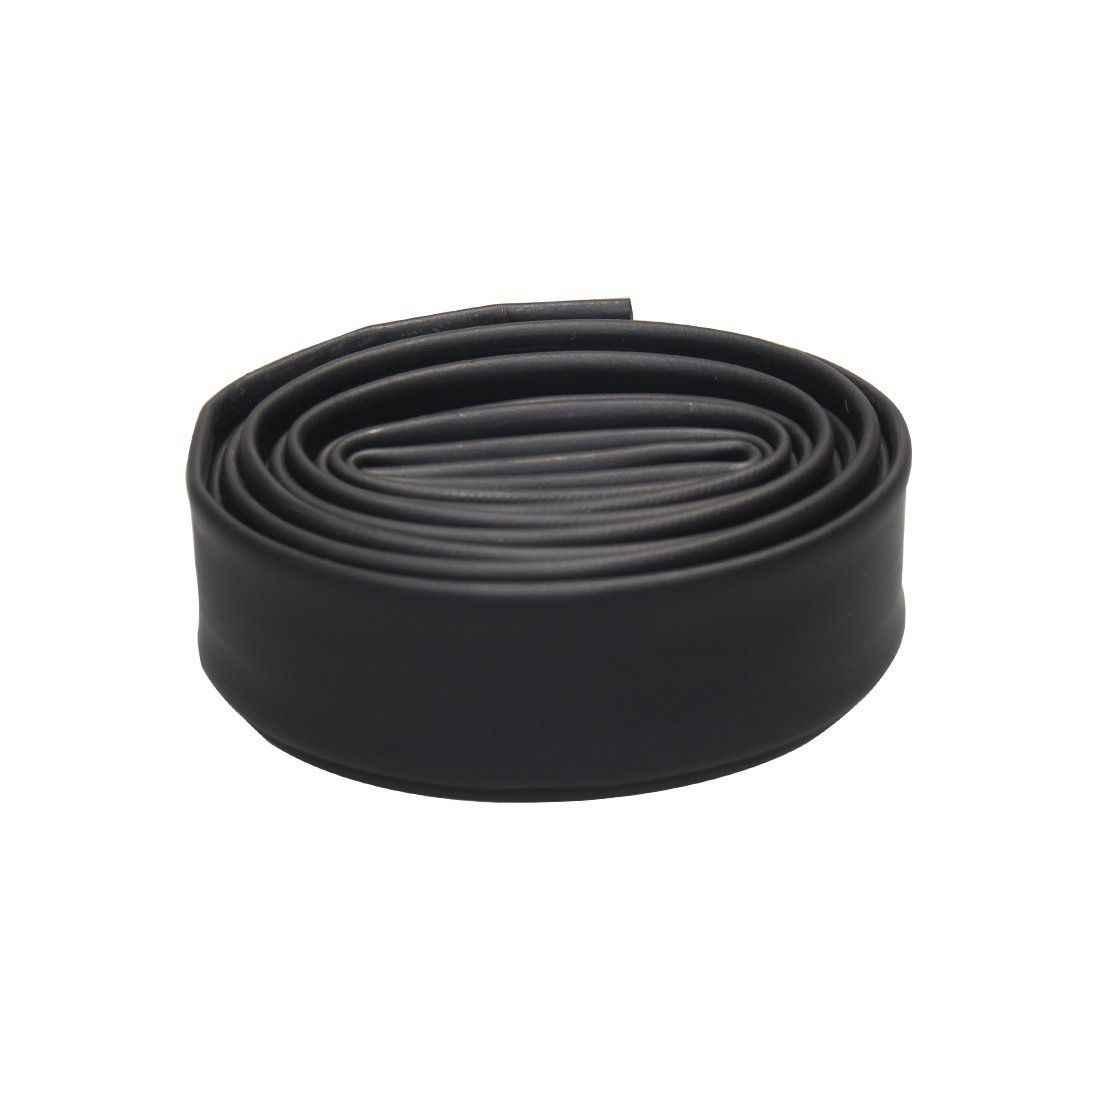 Черная термоусадочная трубка электрическая оплетка автомобильный кабель/провод Полиолефиновый термоусадочный трубопровод обертывание 2: 1 Скорость усадки для электрических